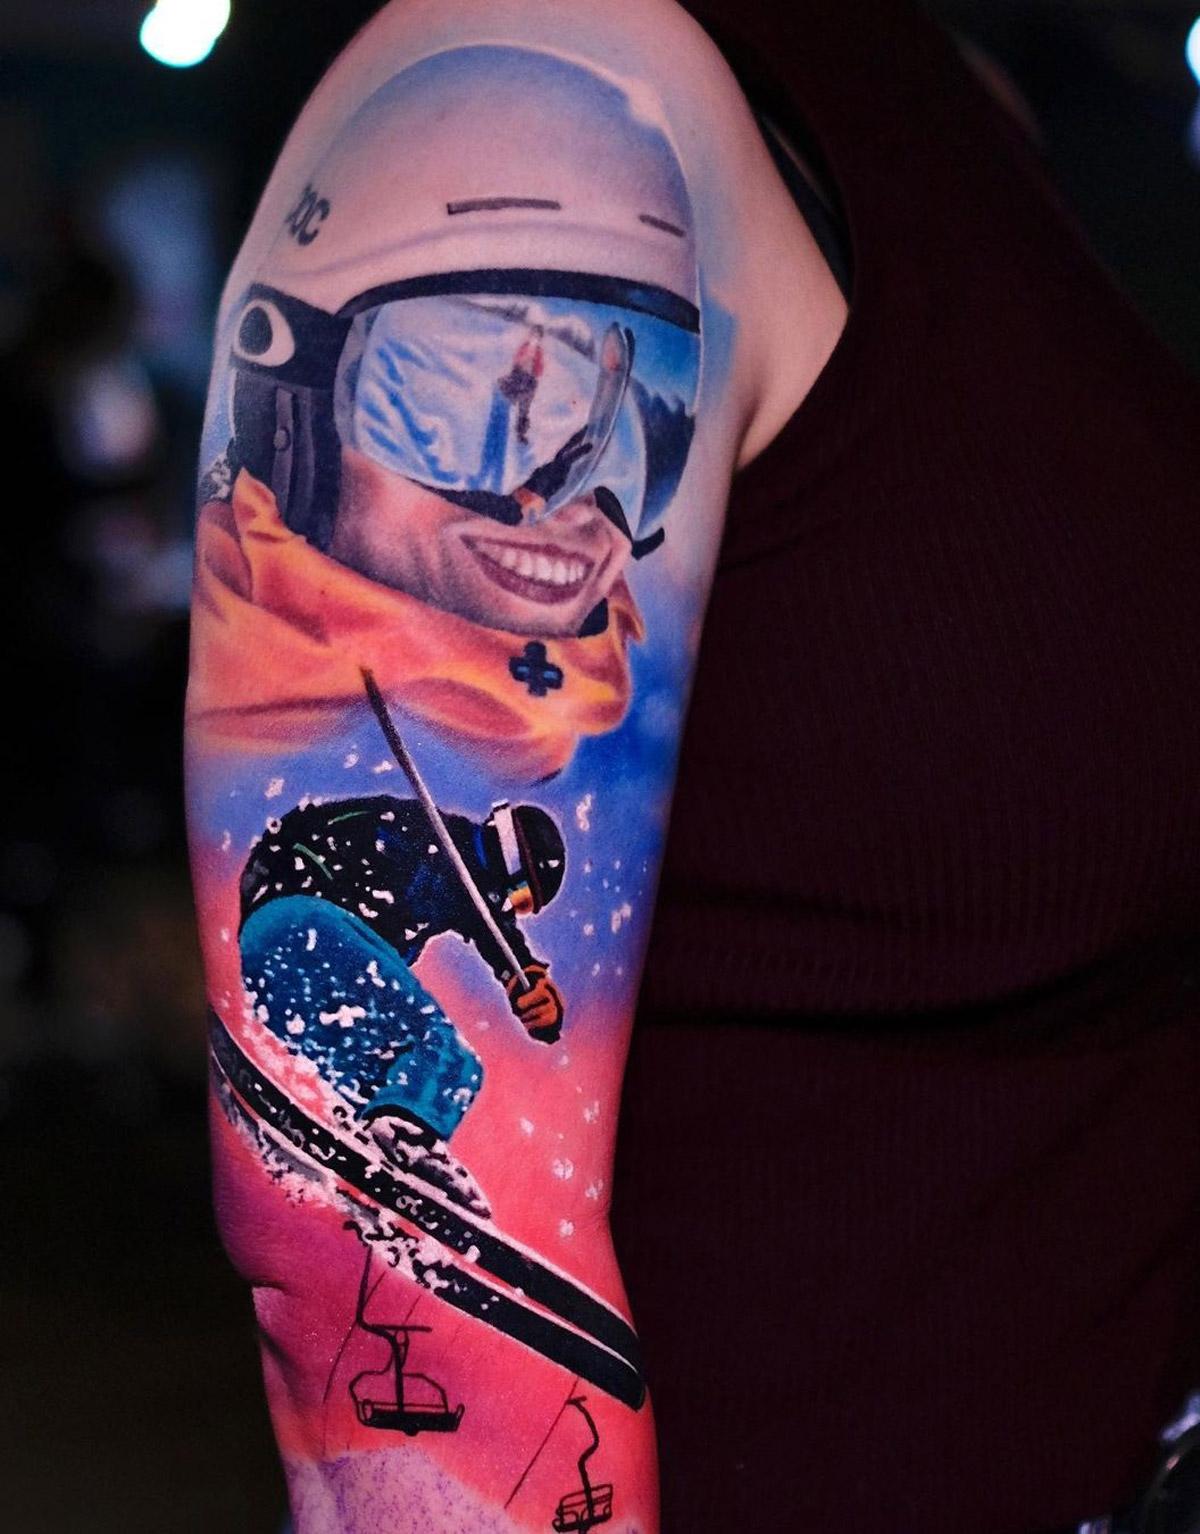 Ski Mask, Skier